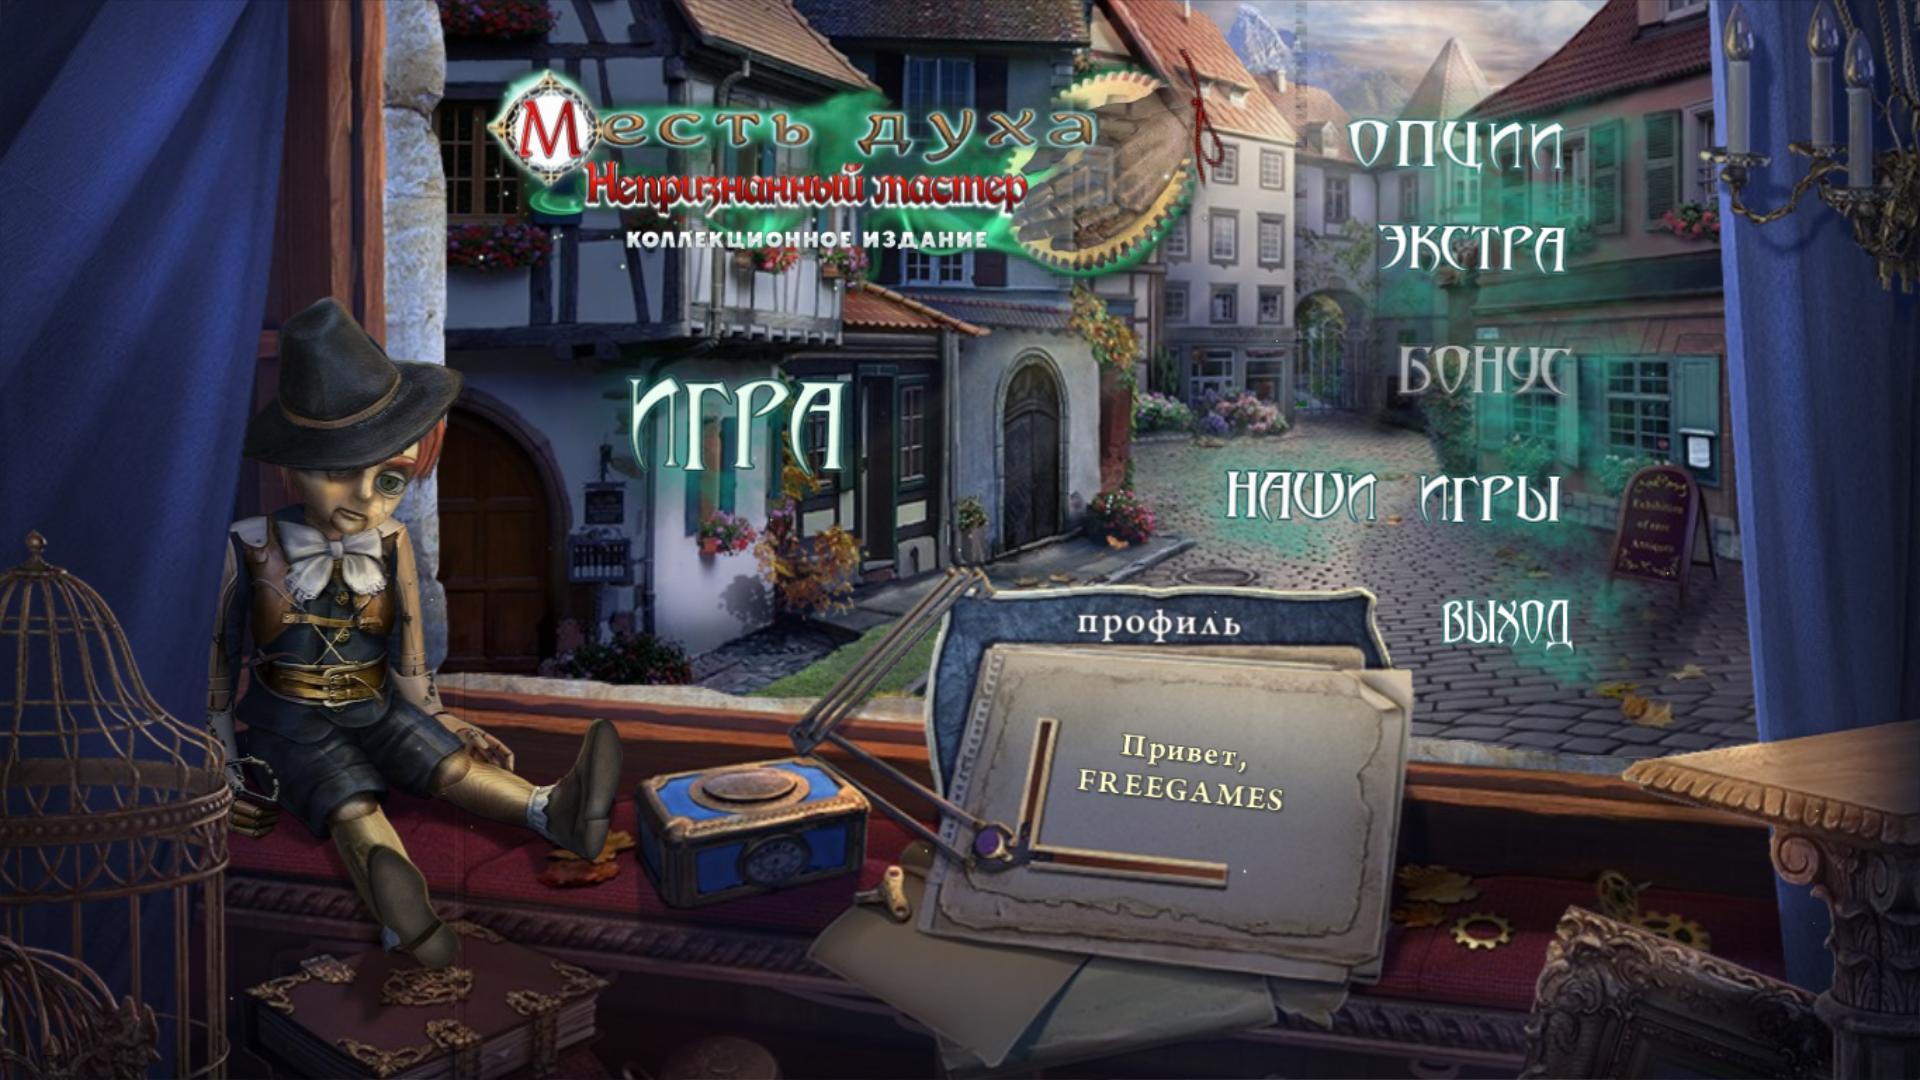 Месть духа 6: Непризнанный мастер. Коллекционное издание | Spirit of Revenge 6: Unrecognized Master CE (Rus)